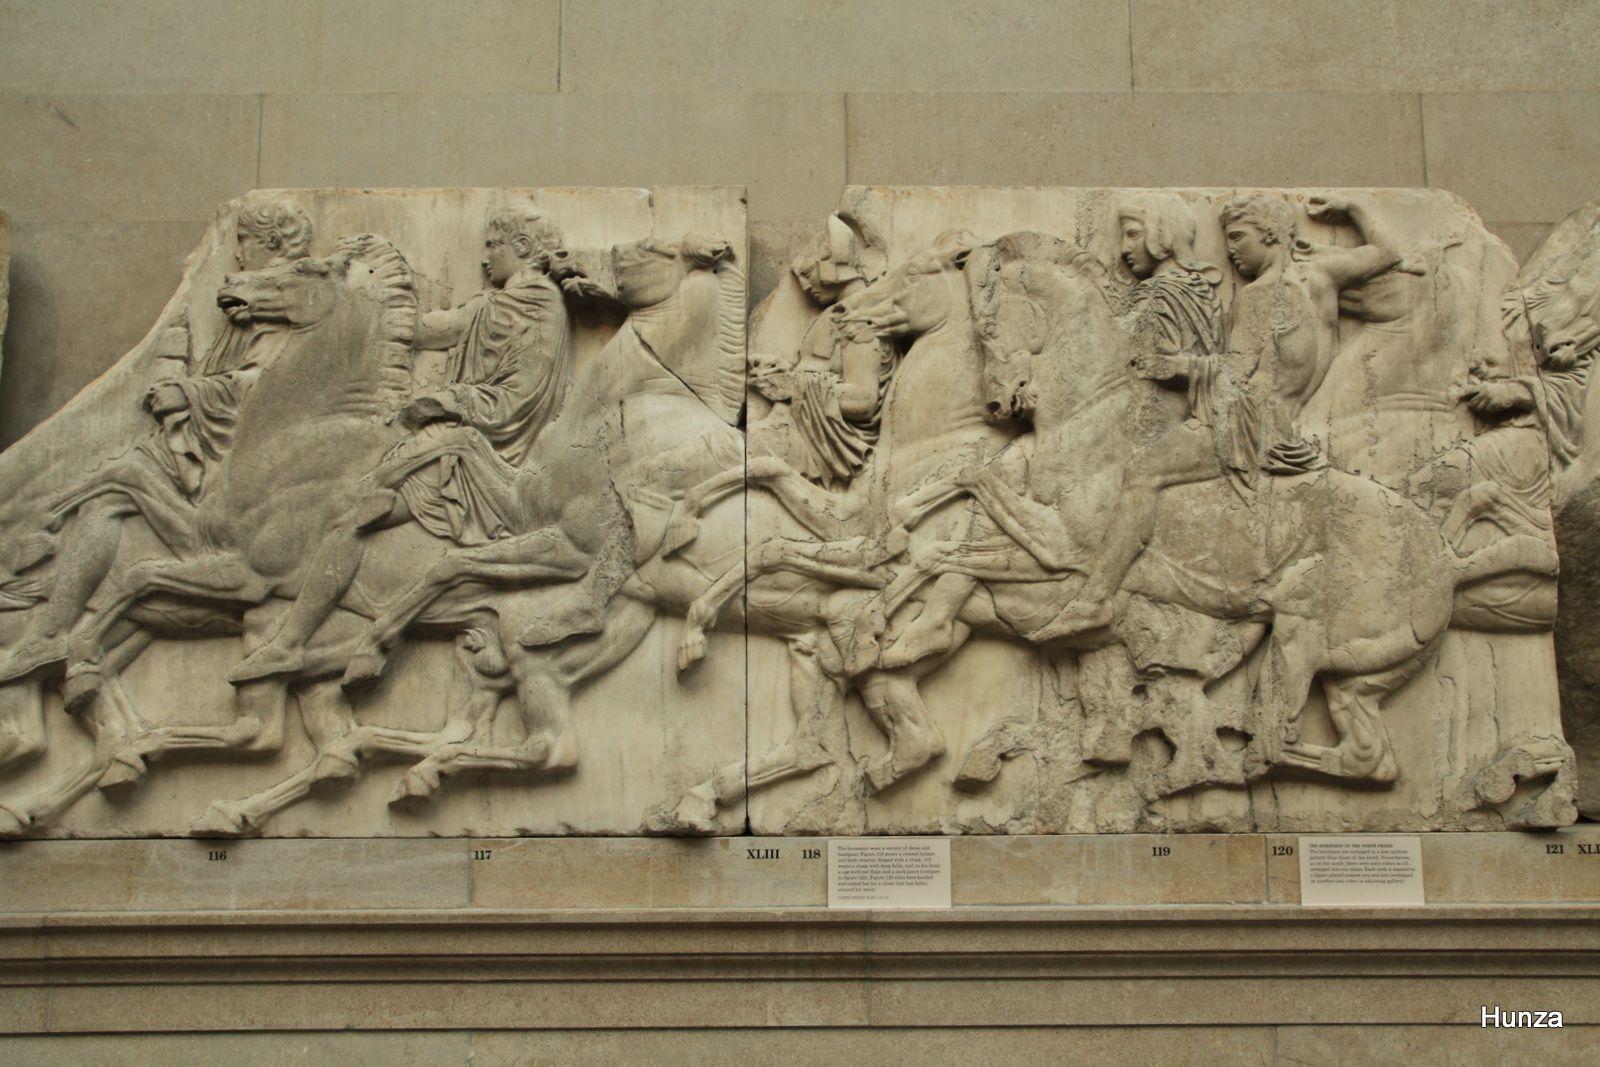 Un fragment de la frise du Parthénon